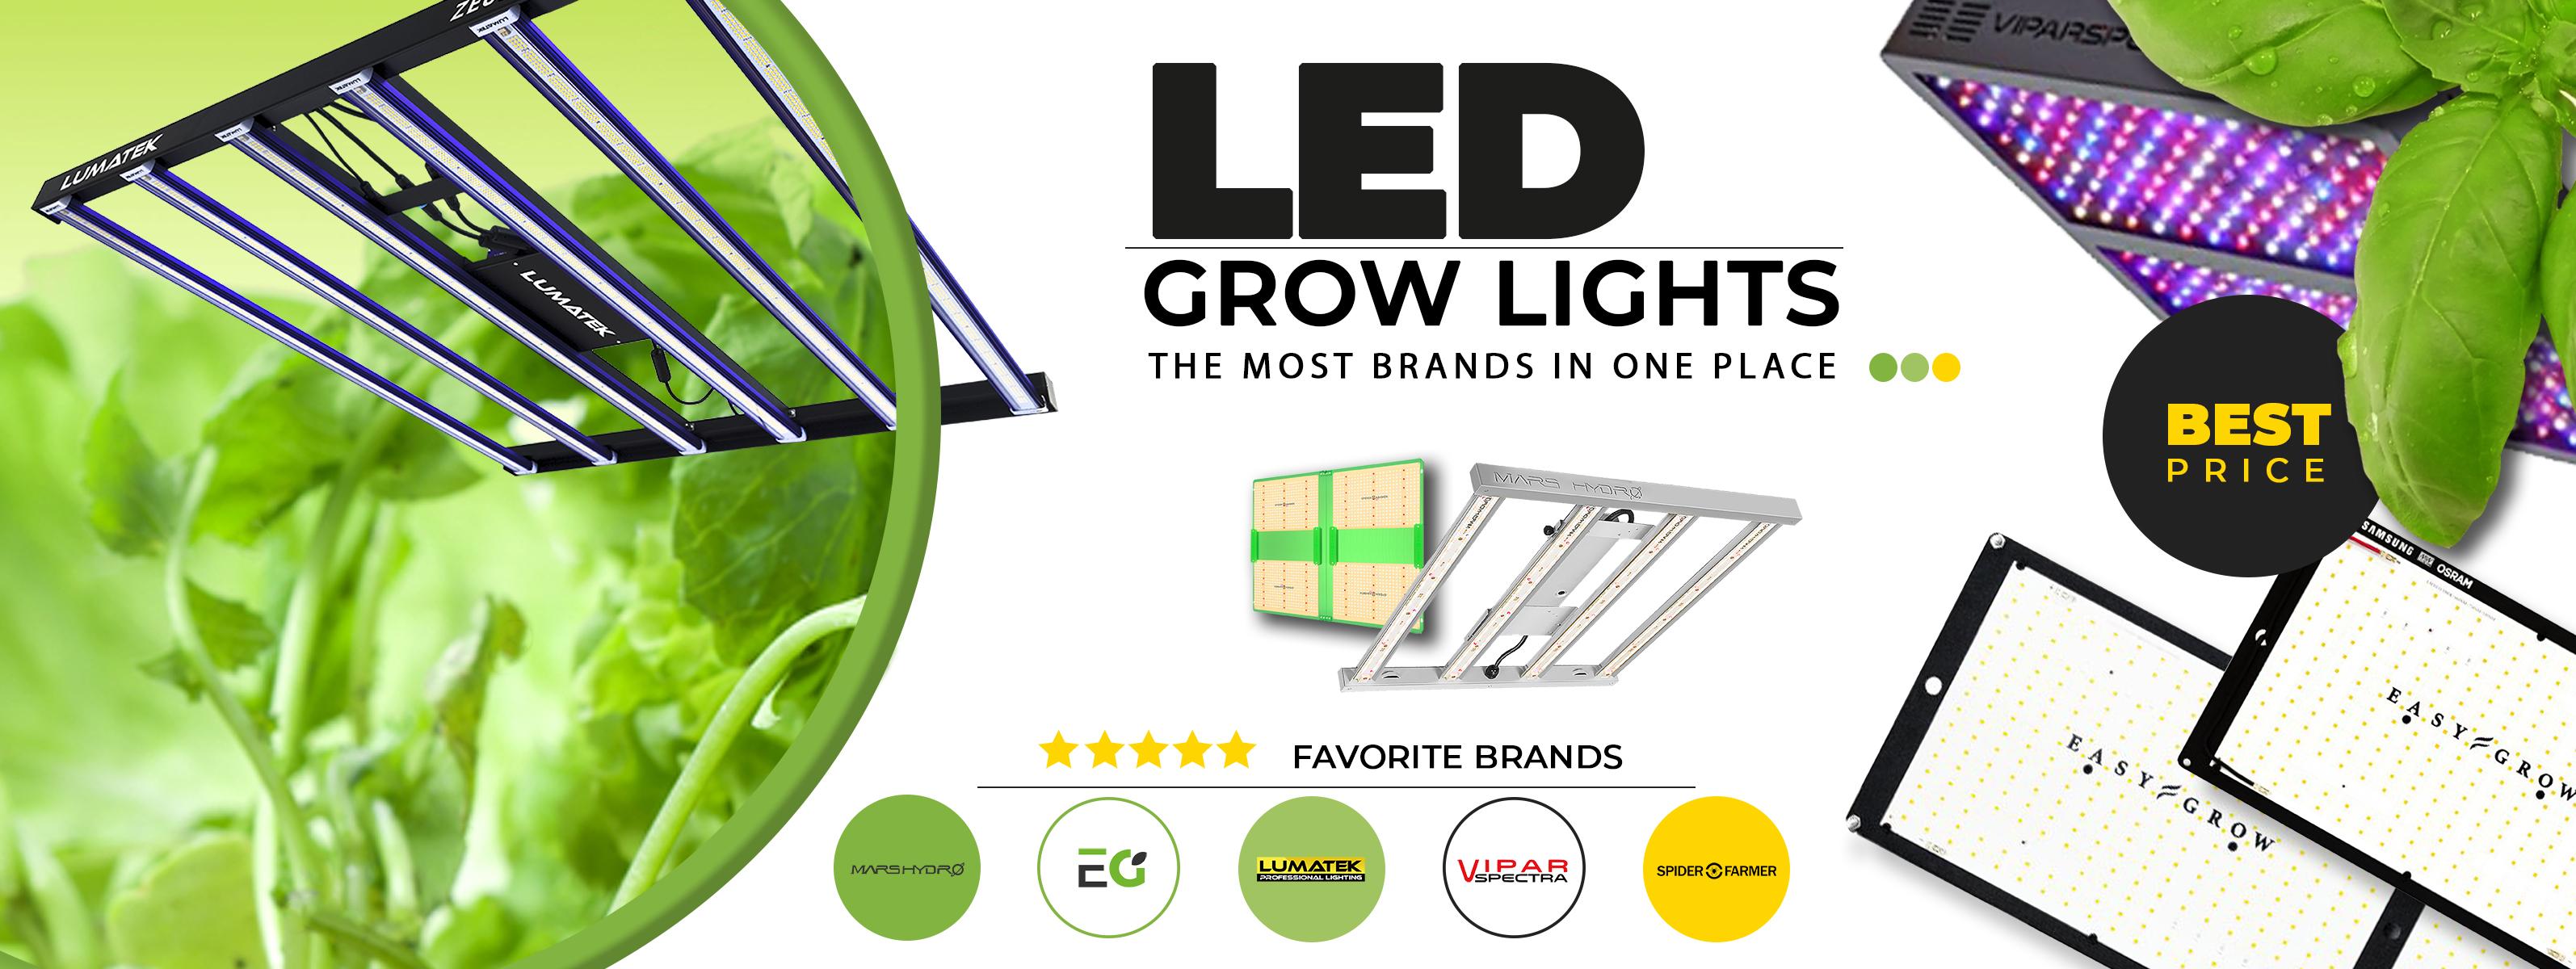 Led Grow Lights favorite brands